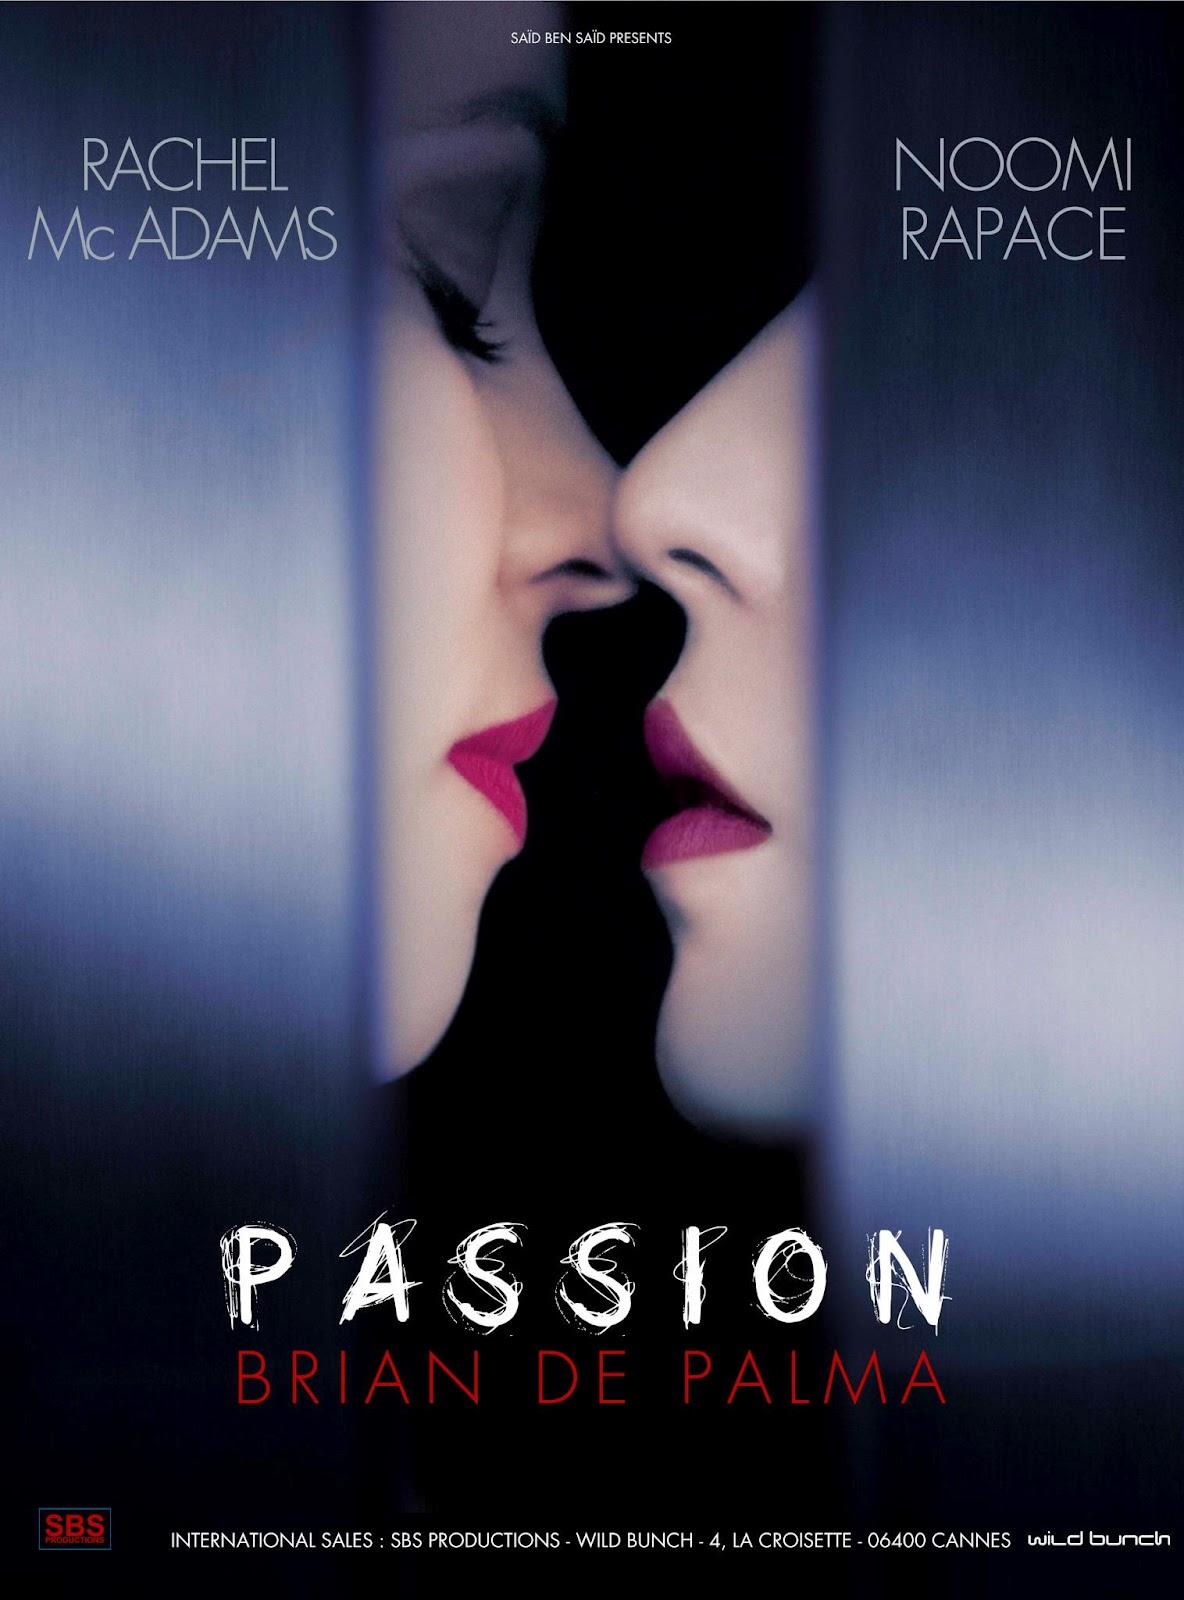 http://1.bp.blogspot.com/-VaBB0RjxlUU/UDuACCiWEcI/AAAAAAAABUA/eFXmBE0GAsc/s1600/passion+poster.jpg